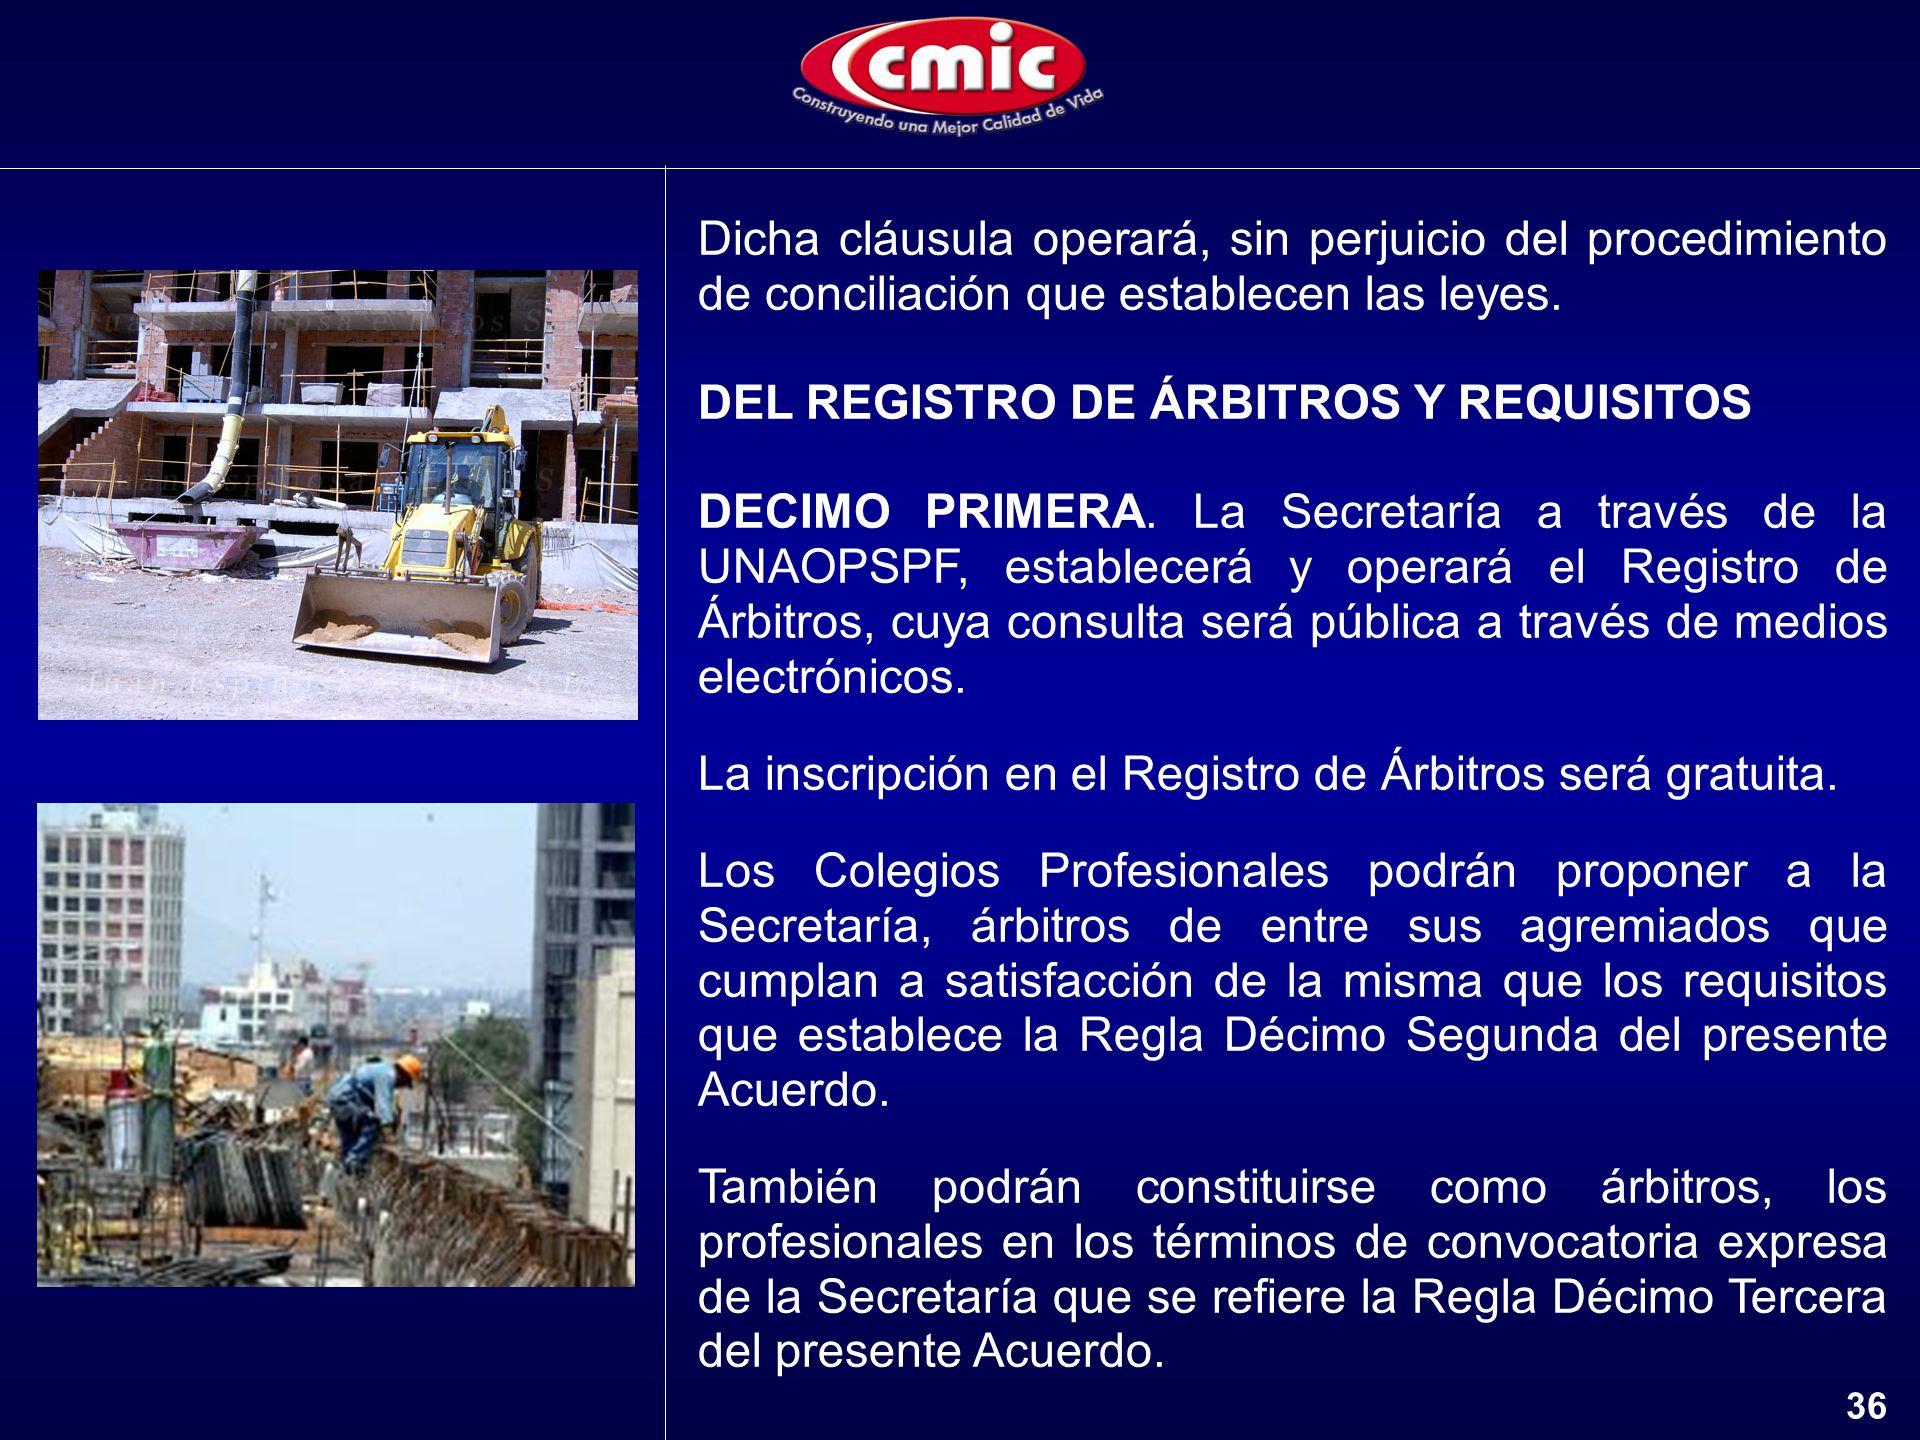 DEL REGISTRO DE ÁRBITROS Y REQUISITOS